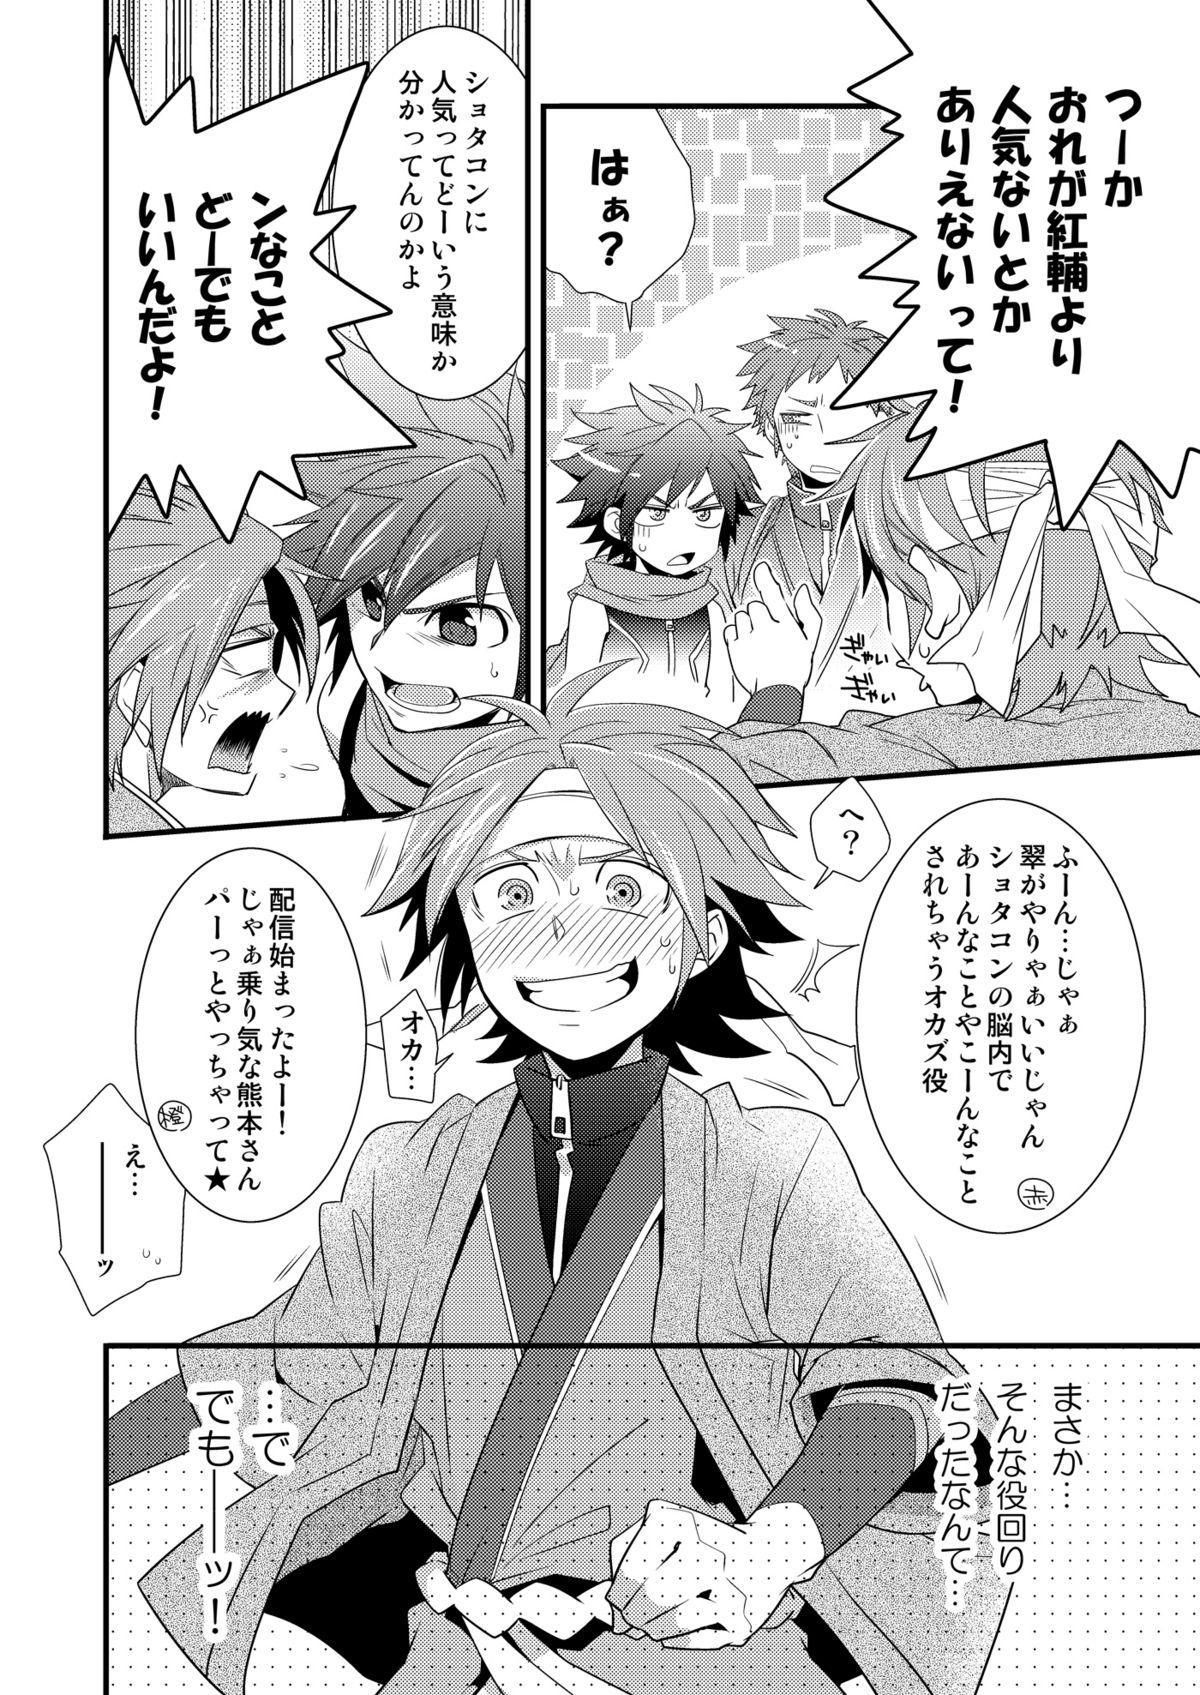 Omotenashi! 4